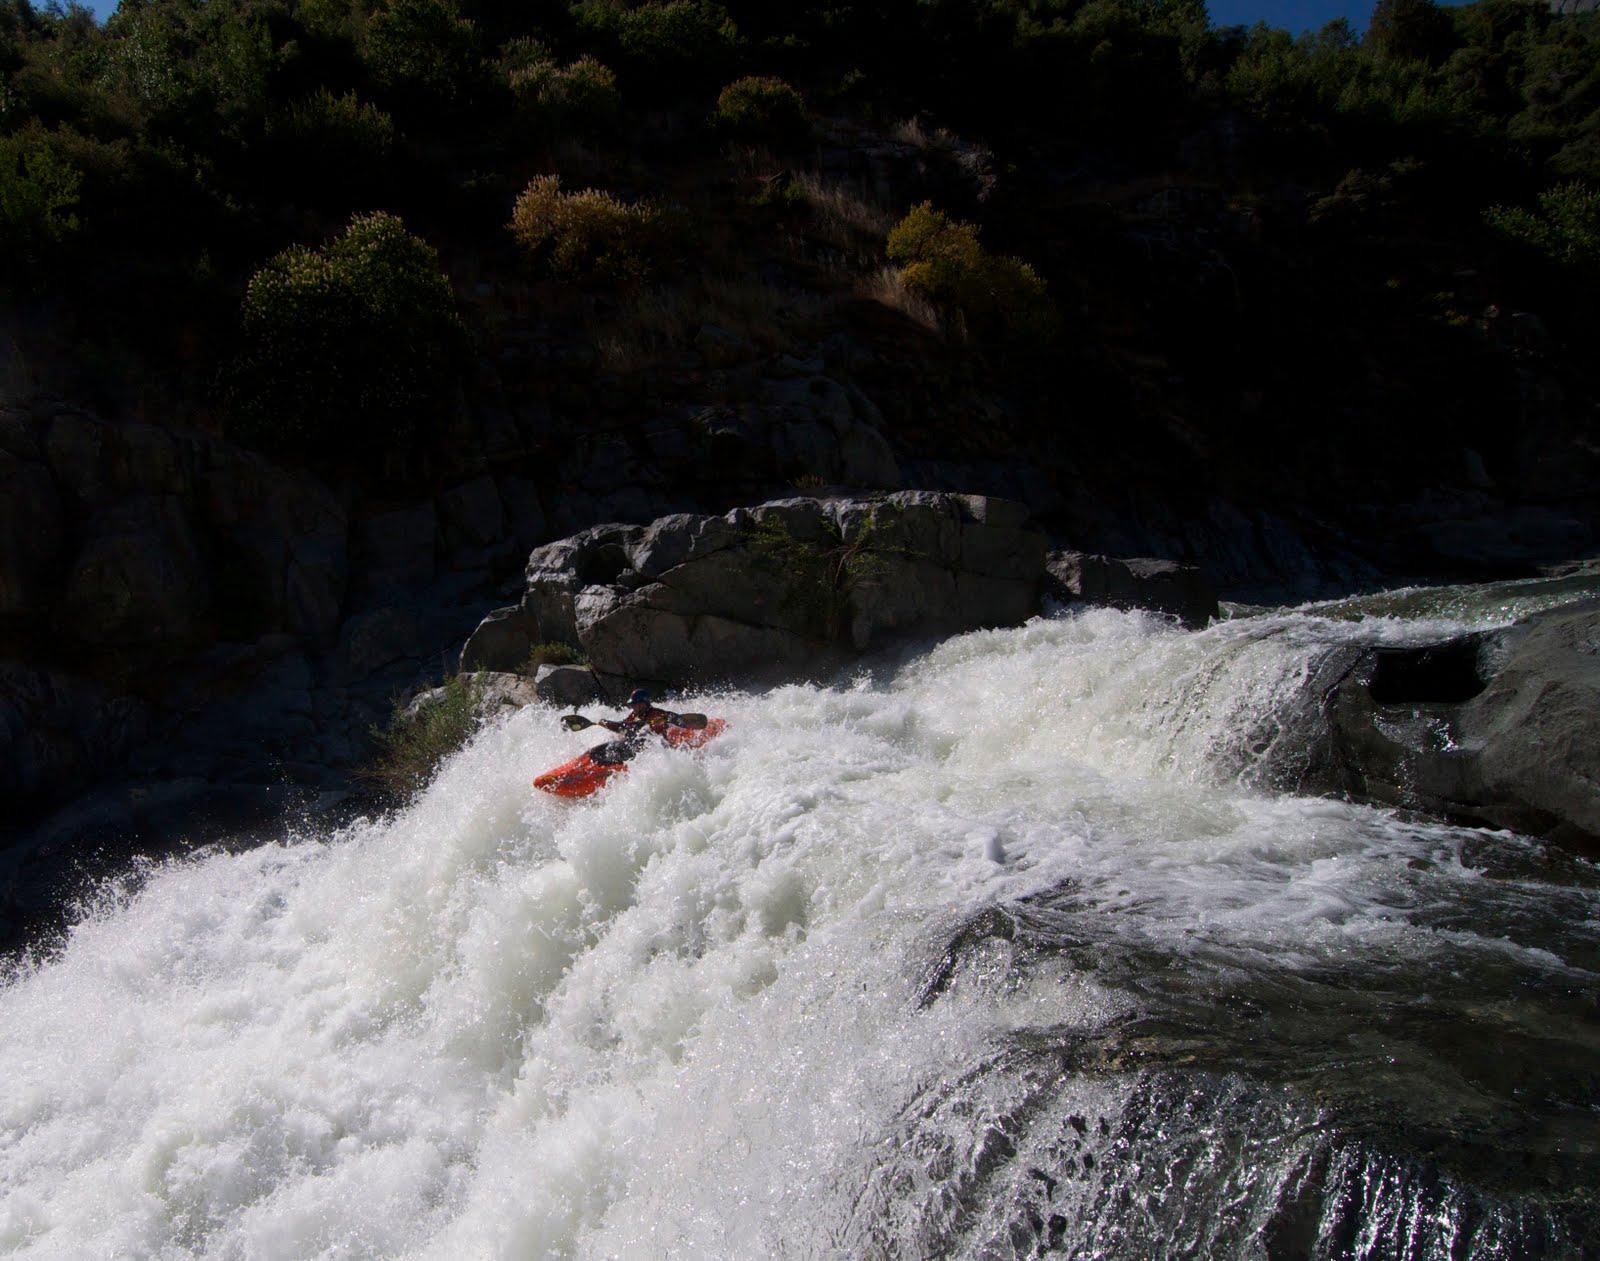 Colorado kayak supply